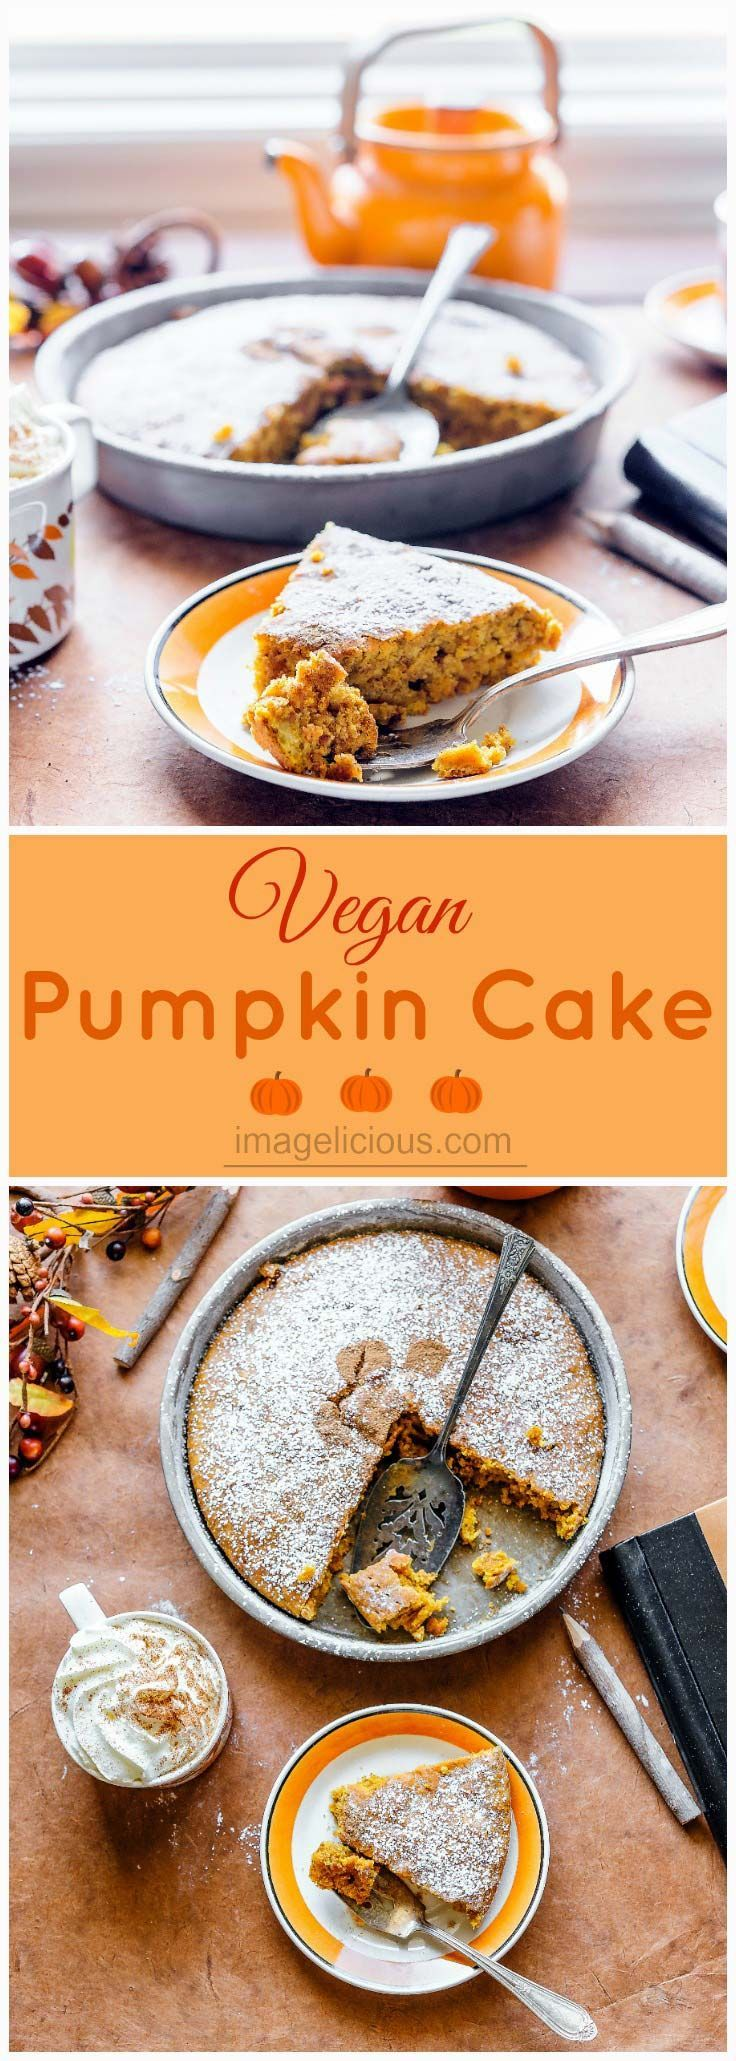 pumpkin pumpkin cake pumpkin dessert pumpkin baking pumpkin recipes vegan vegan